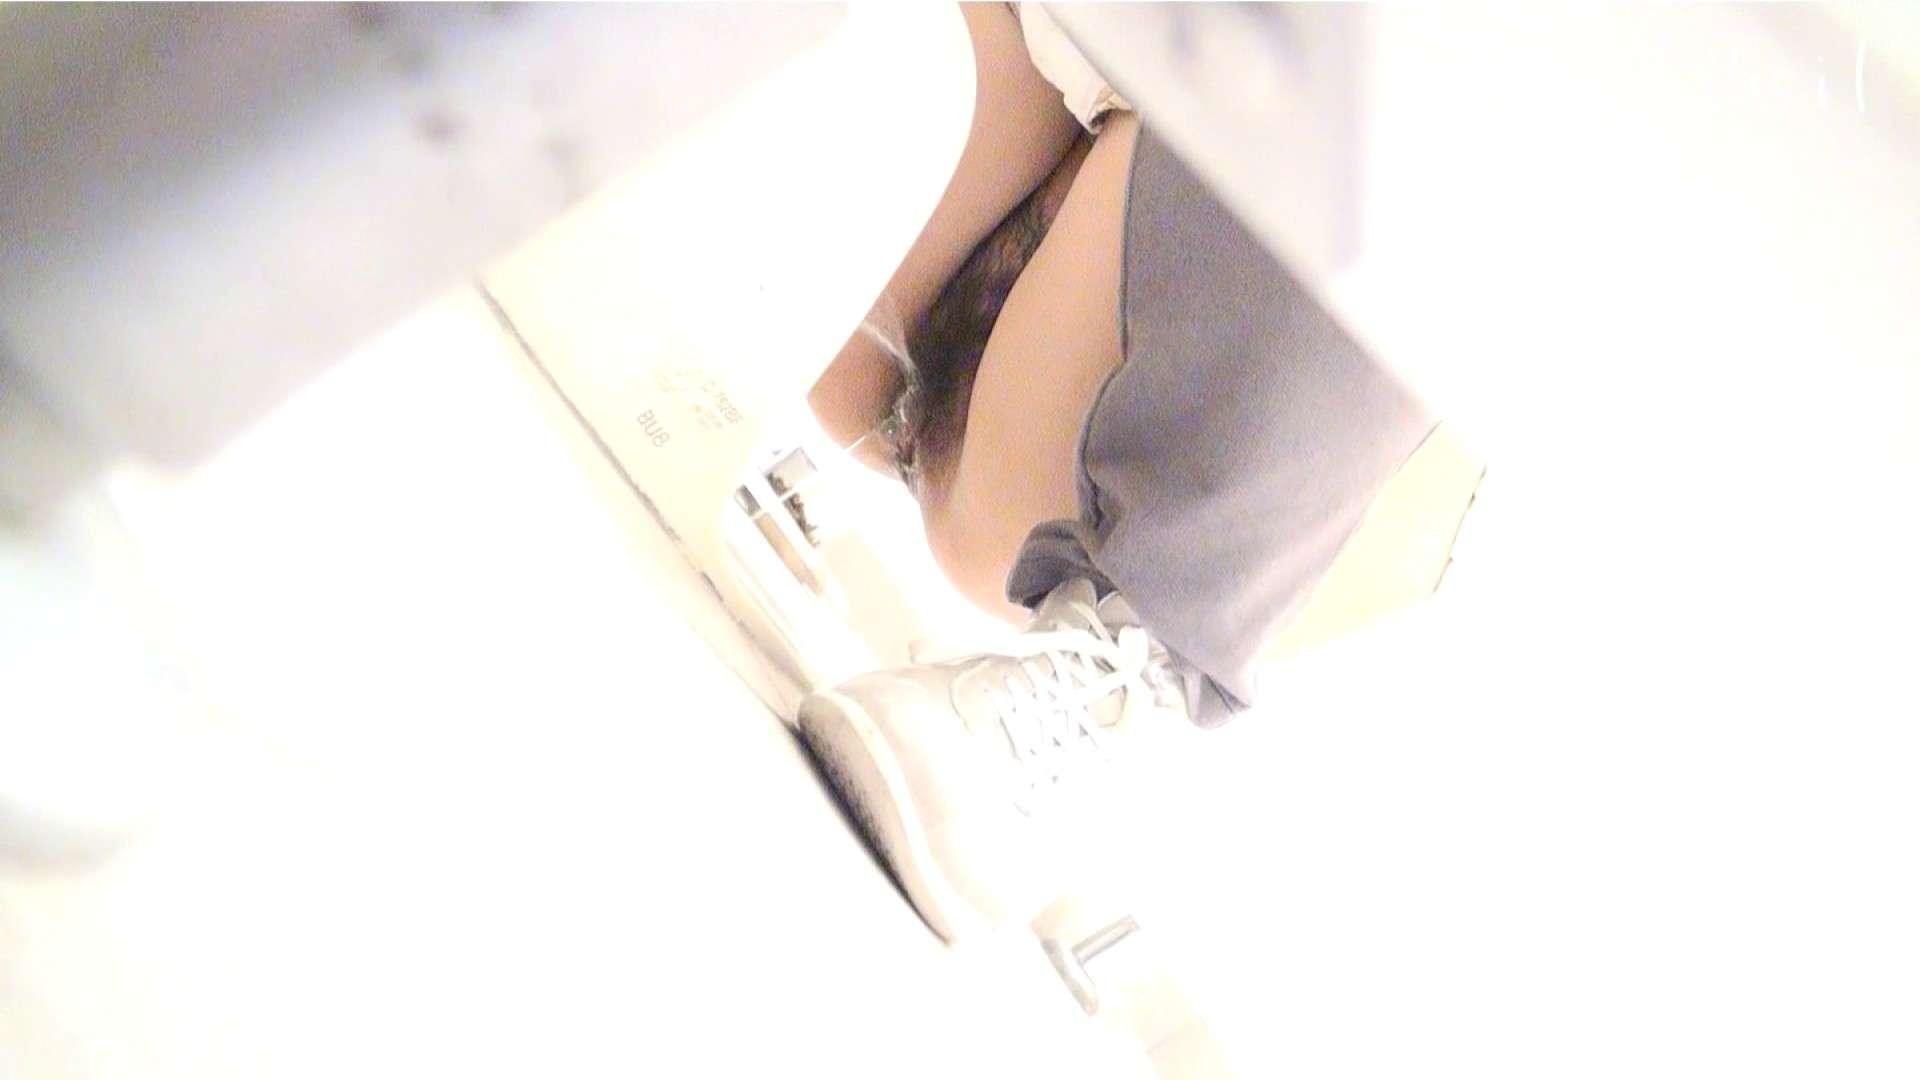 至高下半身盗撮-PREMIUM-【院内病棟編 】 vol.01 OLエロ画像 盗撮AV動画キャプチャ 38PICs 22